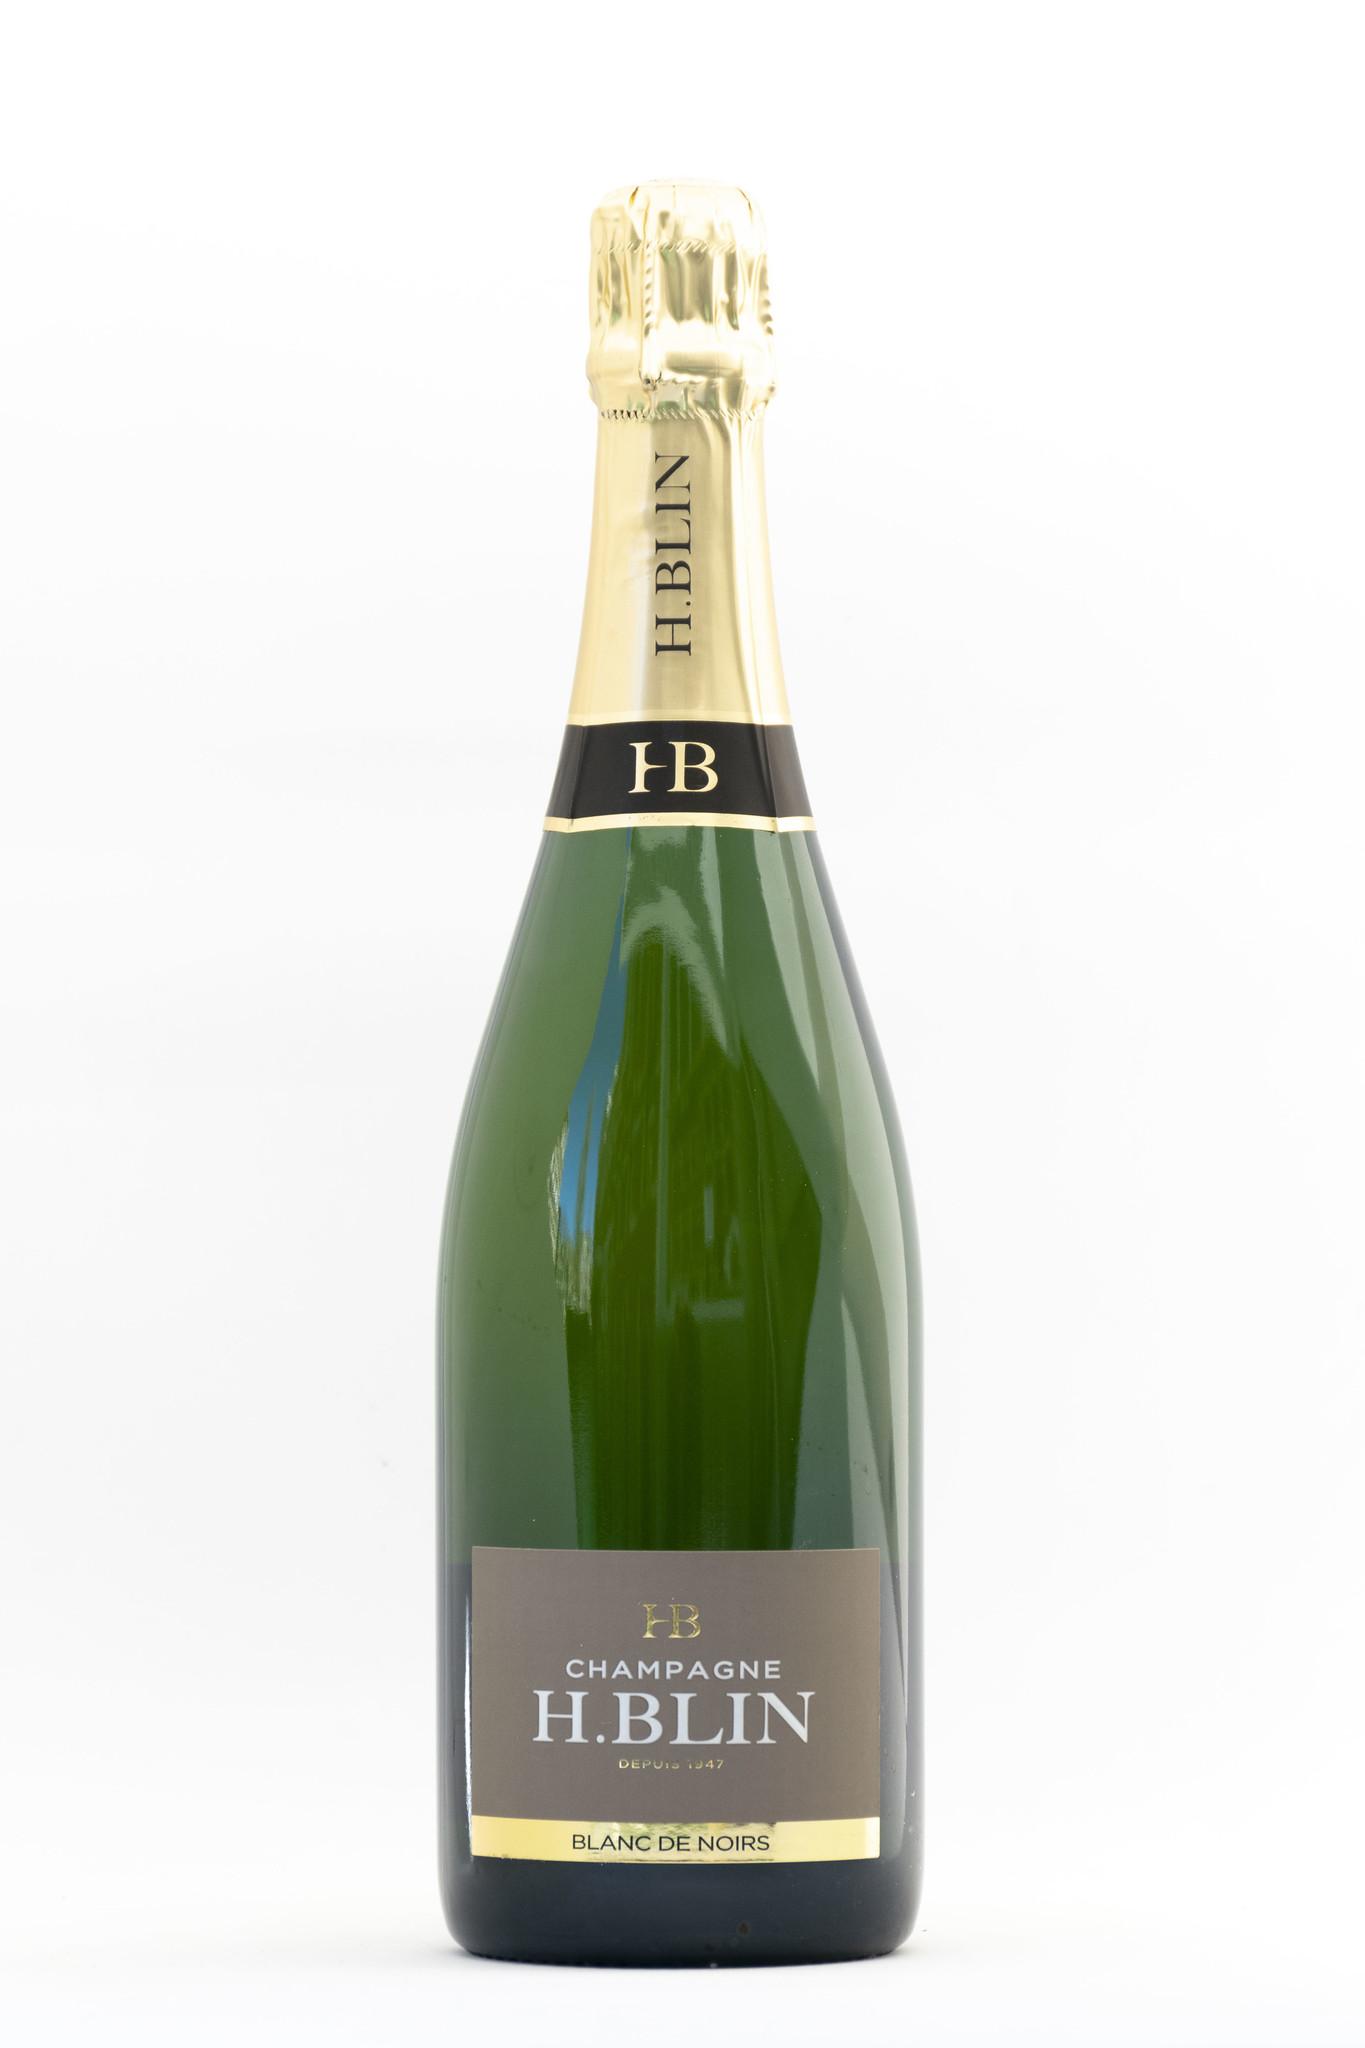 H. Blin | Blanc De Noir |Champagne  | Pinot Meunier |Bouteille